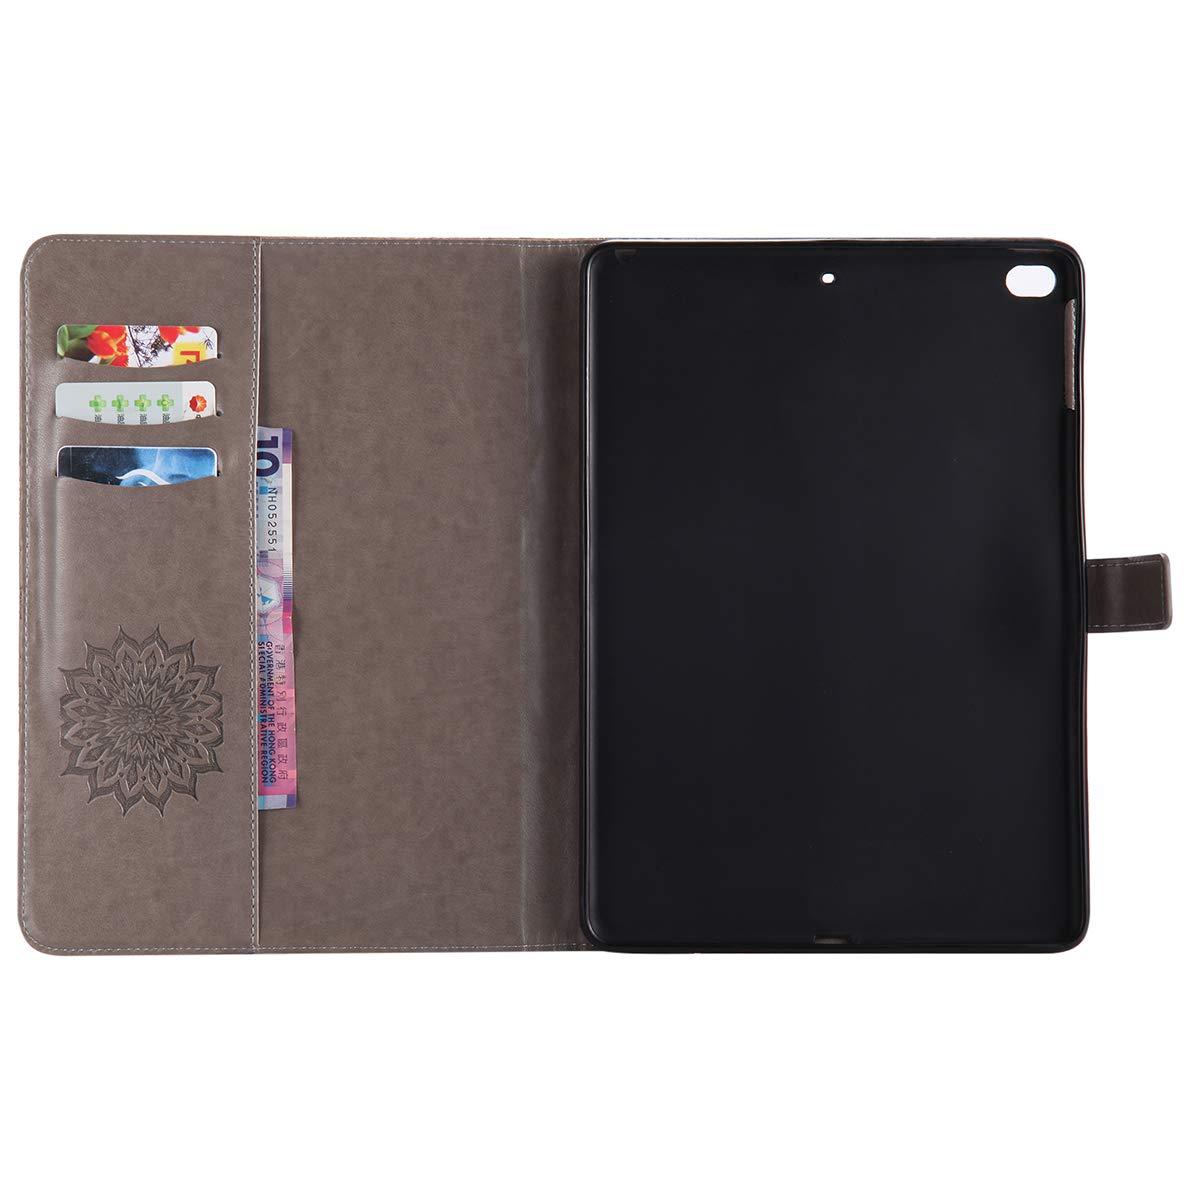 Coque iPad Air//Air 2 1 x Stylet SHUYIT /Étui Housse en PU Cuir Flip Case de Protection Rotatif Etui Cover avec la Fonction Sommeil//R/éveil Automatique pour Apple iPad Air//Air 2